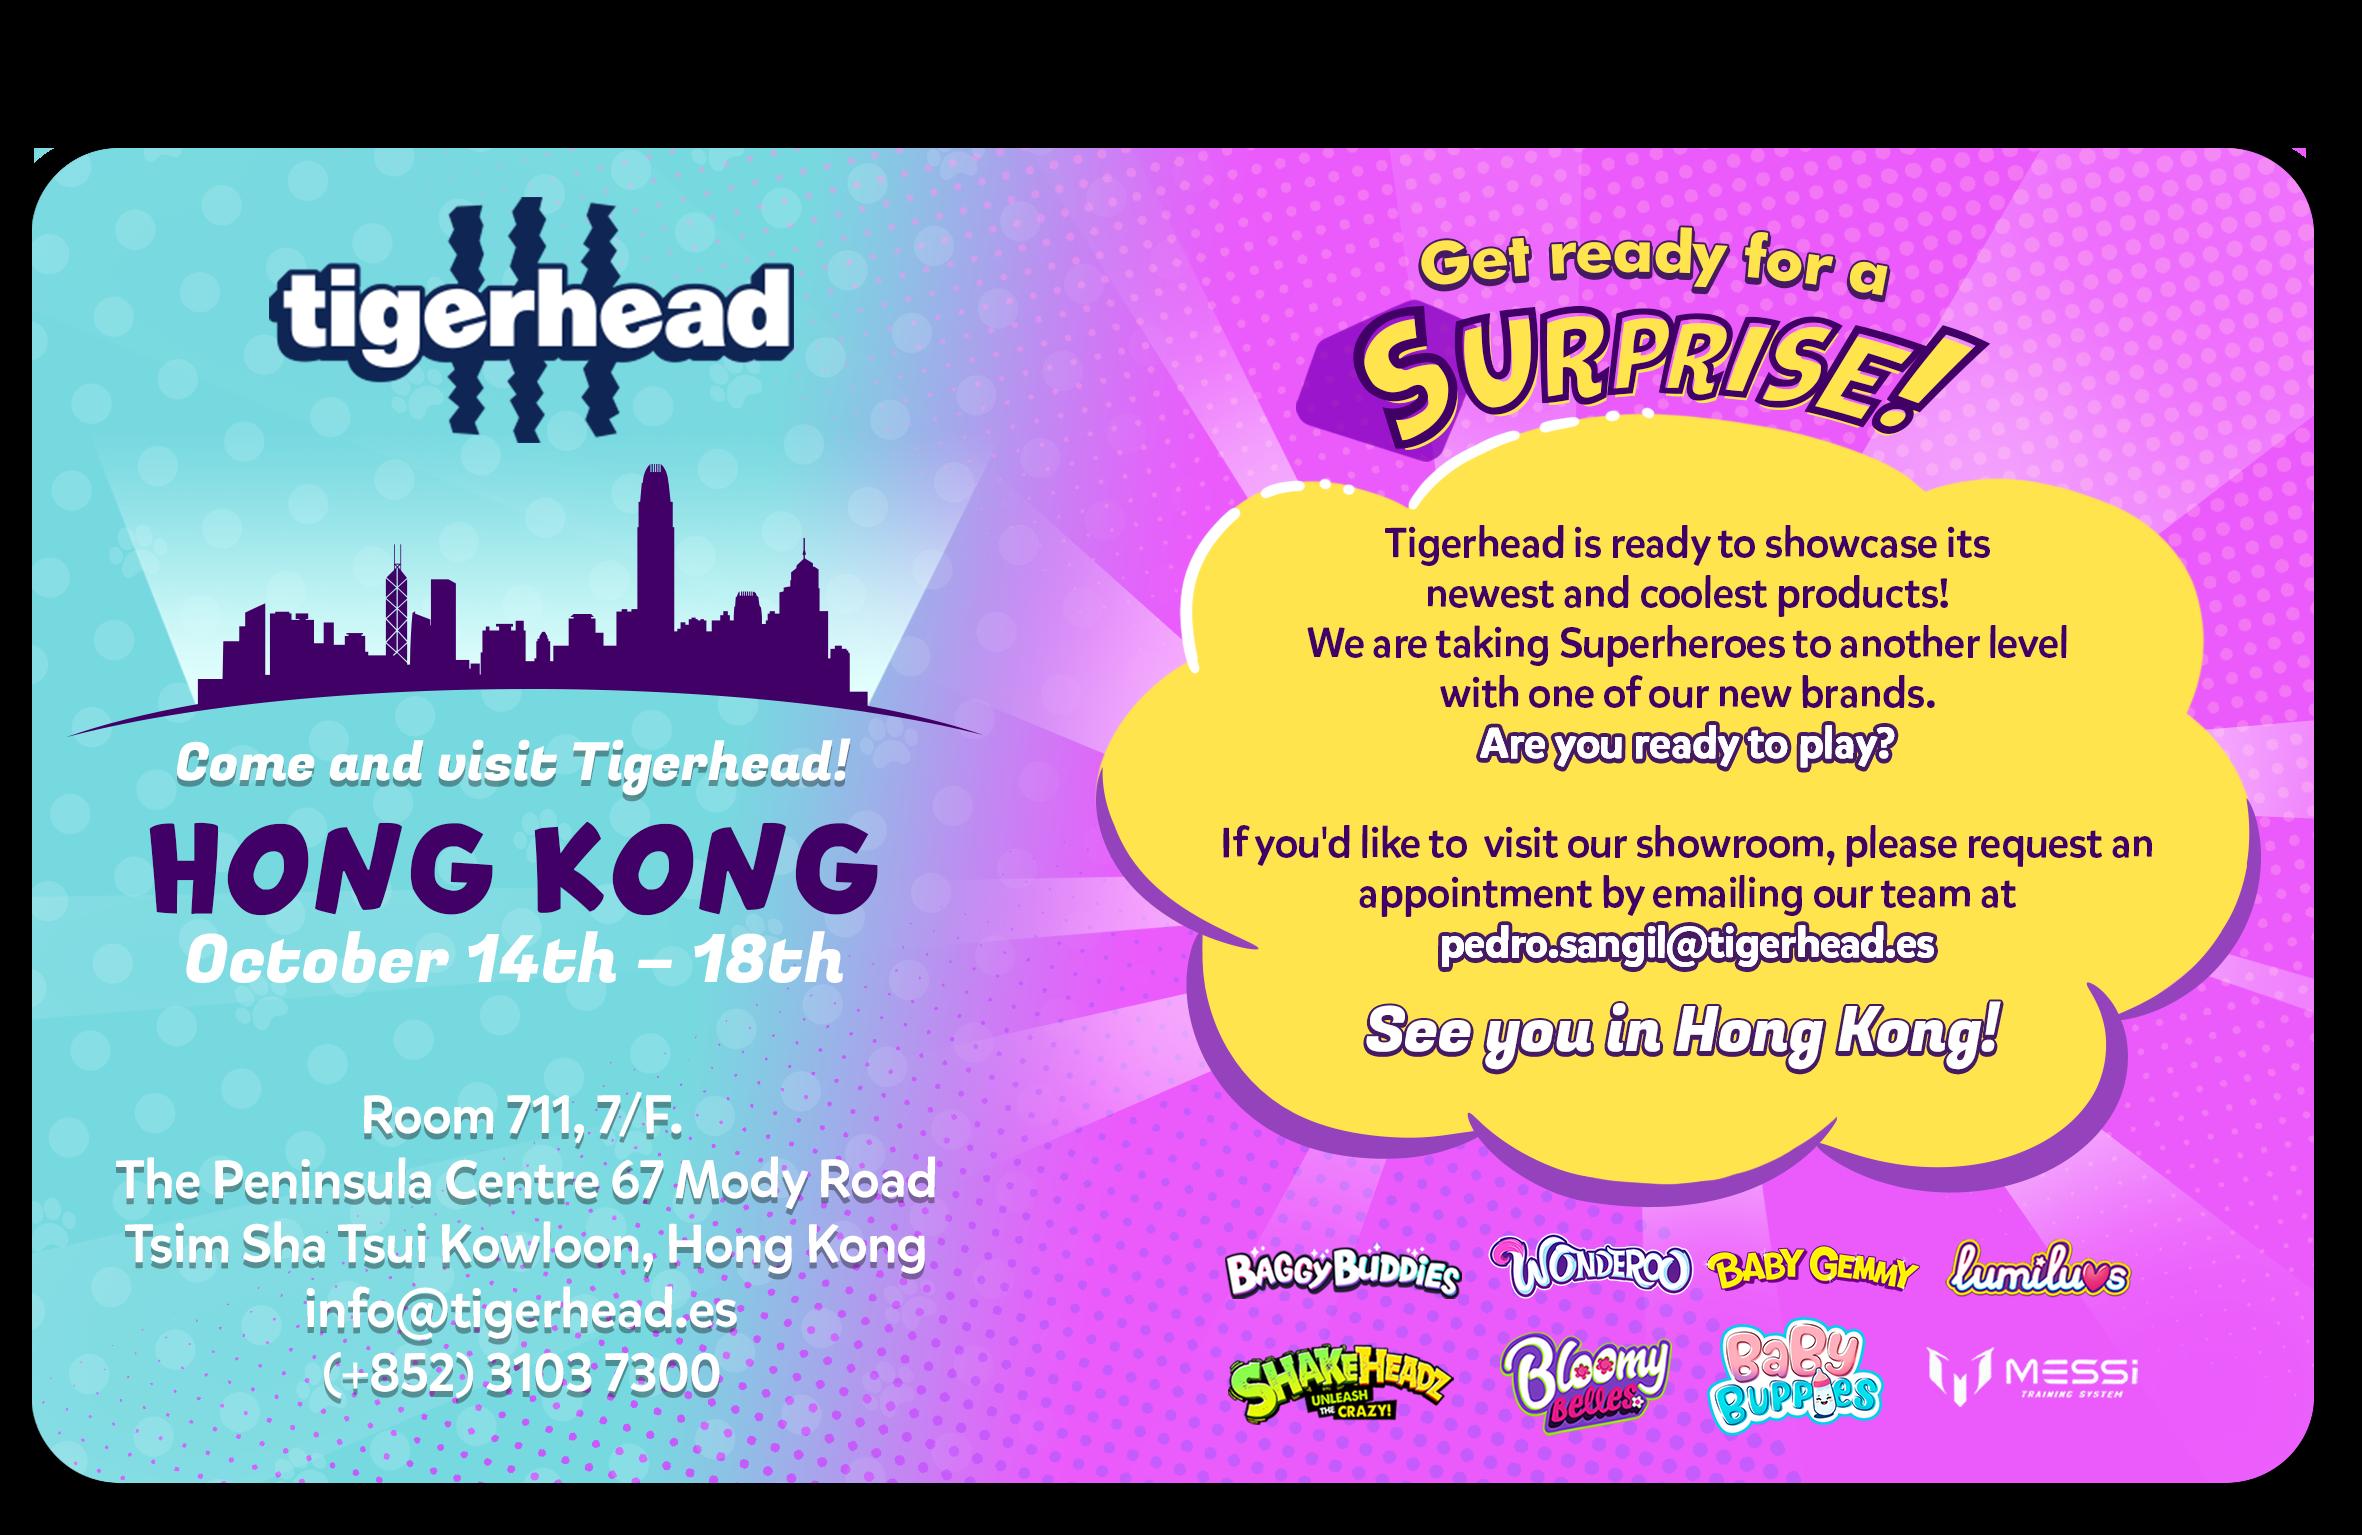 tigerhead toys trade fair hongkong 2019